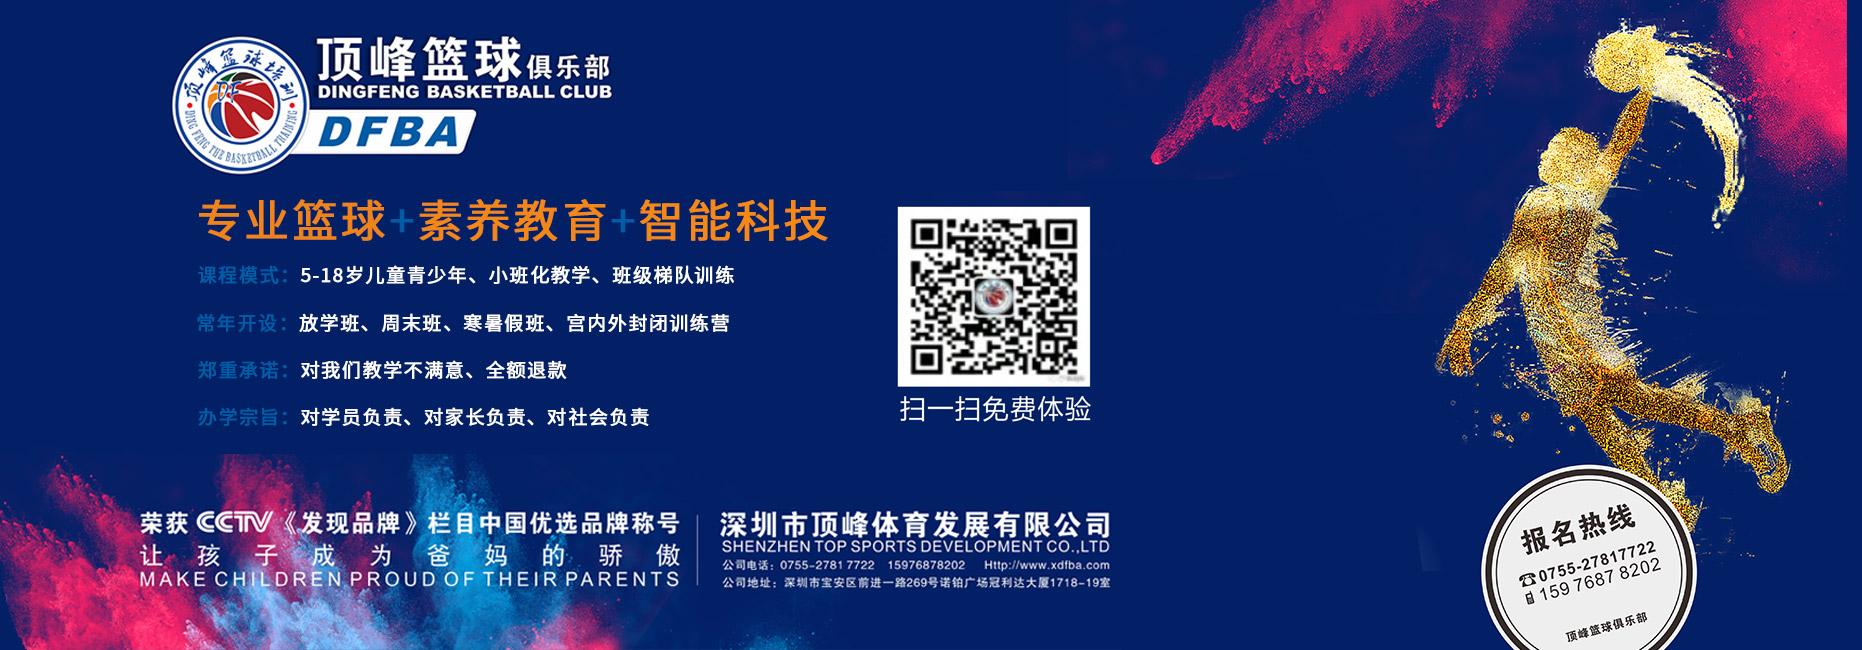 百博门网址 -榮獲中國體育行業優選品牌稱號